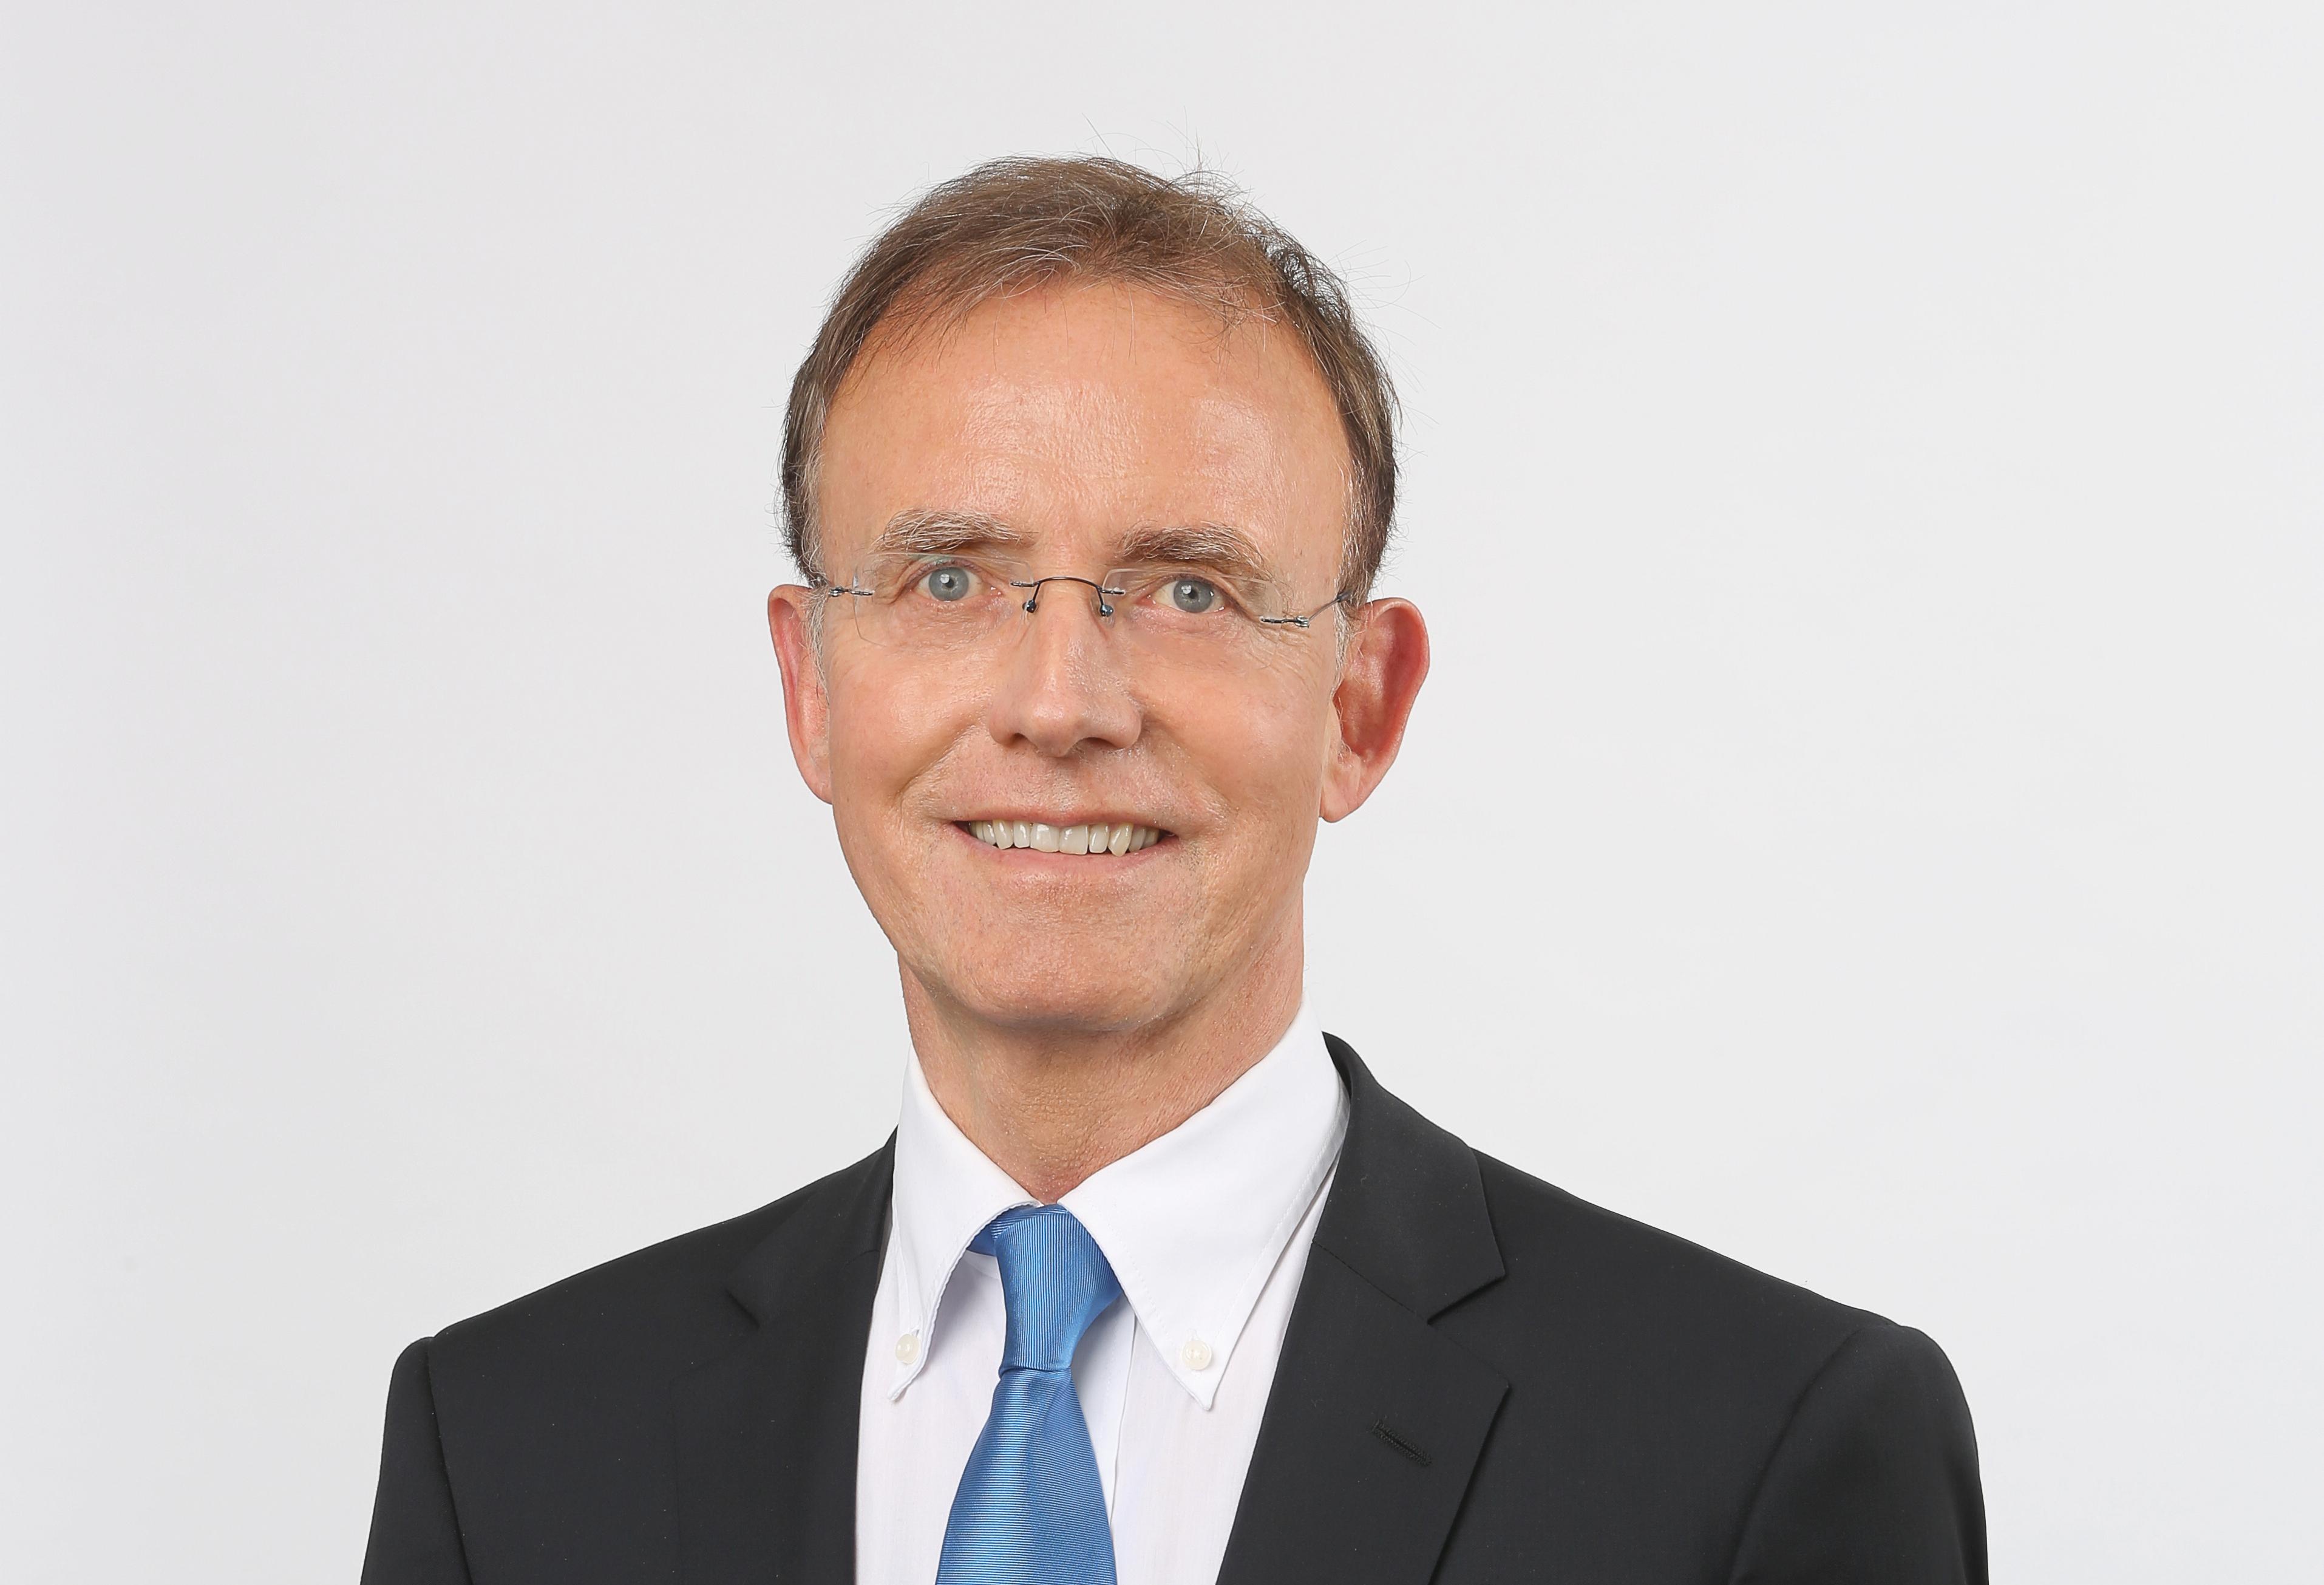 Gerd Landsberg über die Erneuerung der Hartz-IV-Sanktionen